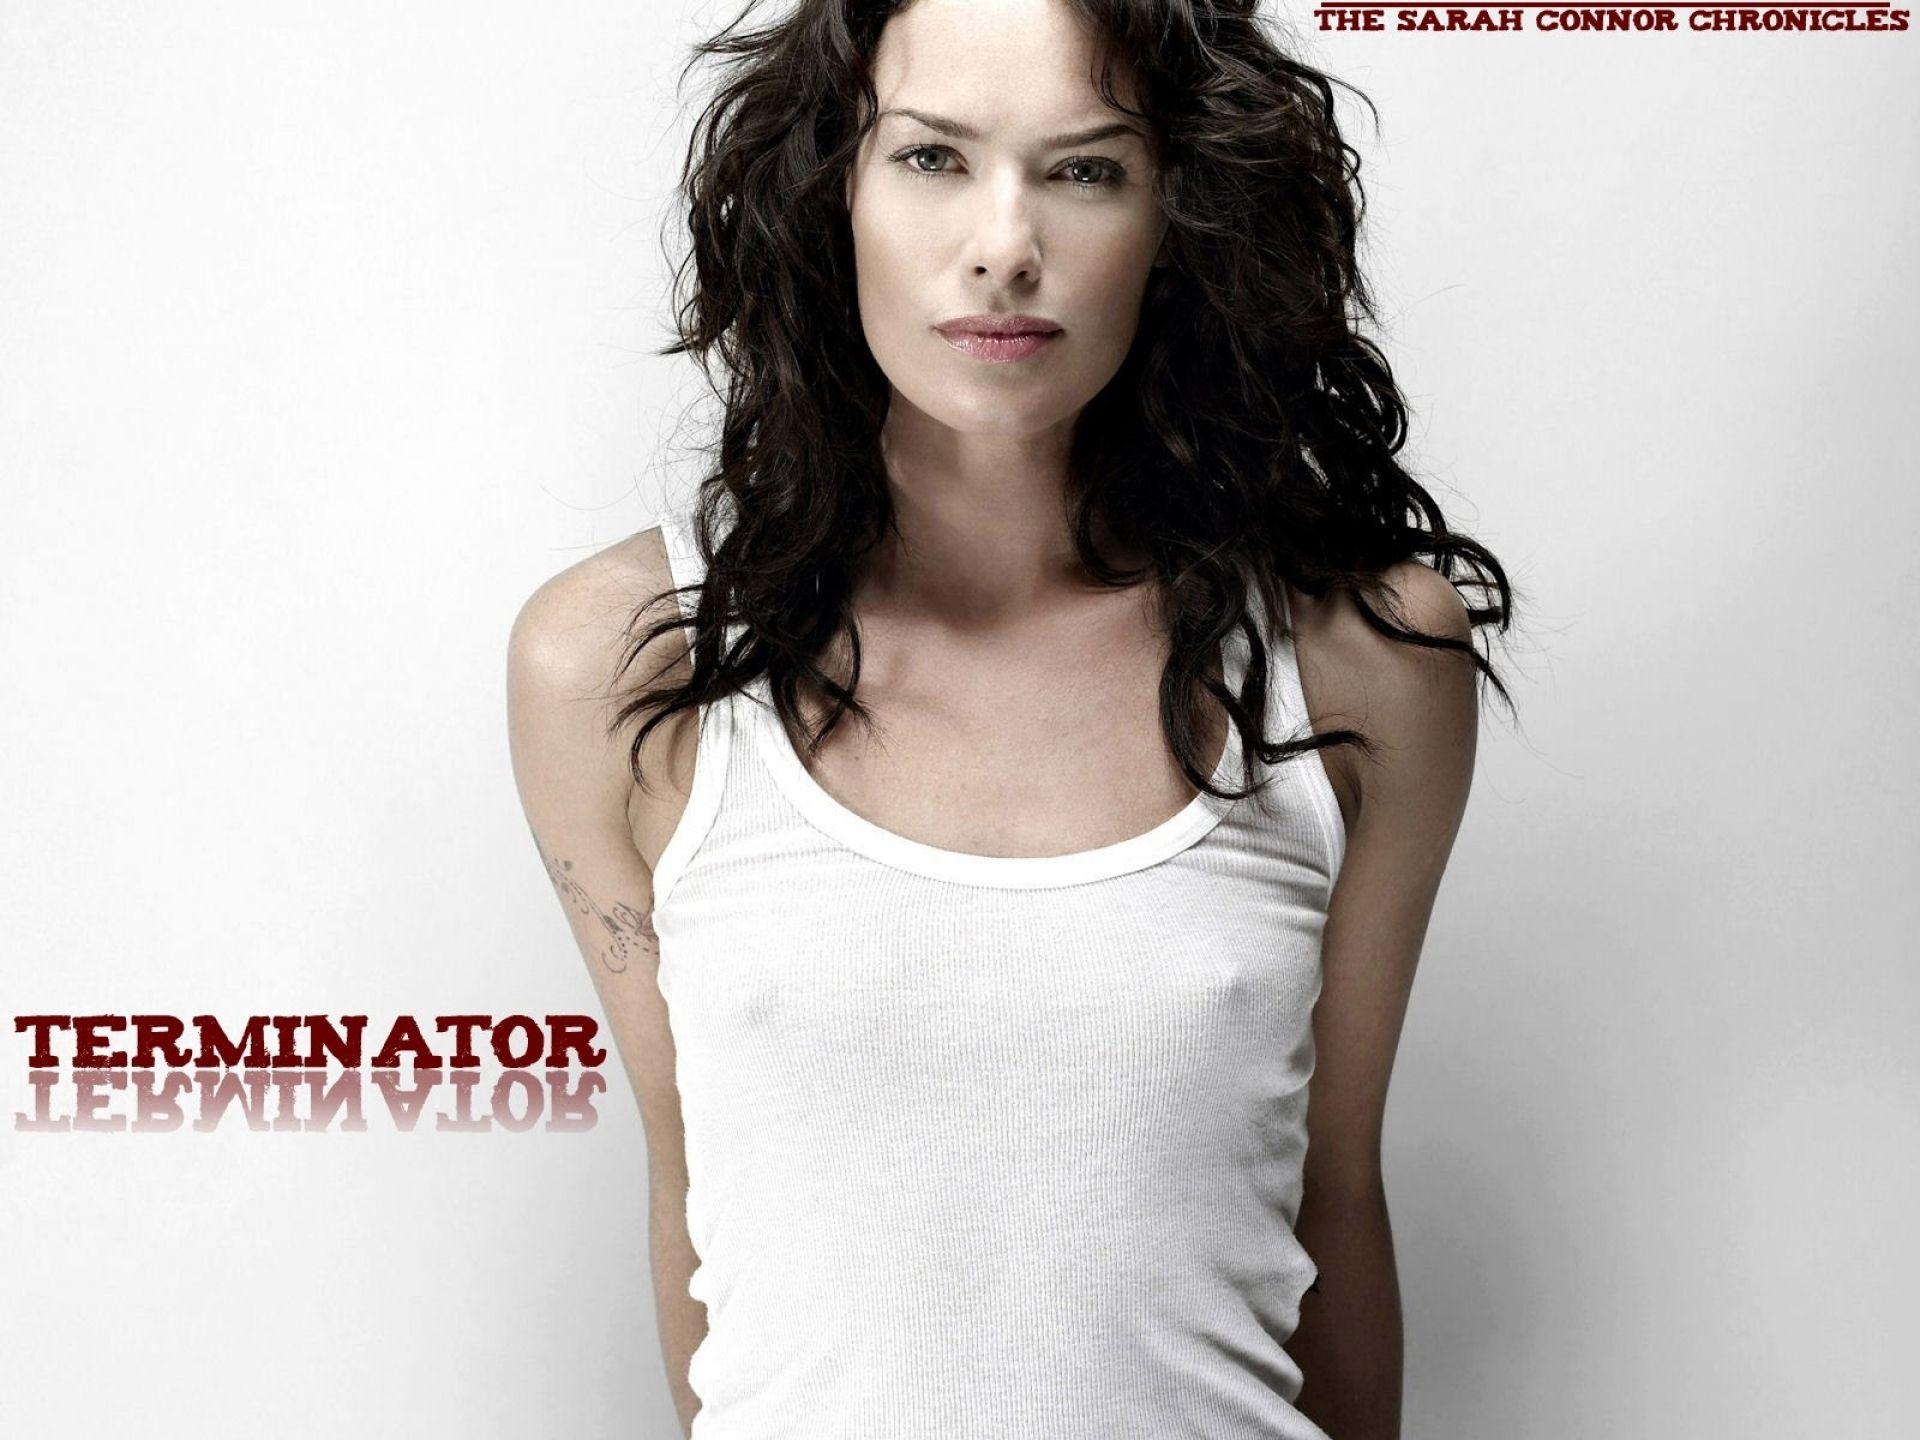 Lena Headey Terminator The Sarah Connor Chronicles 1600x1200